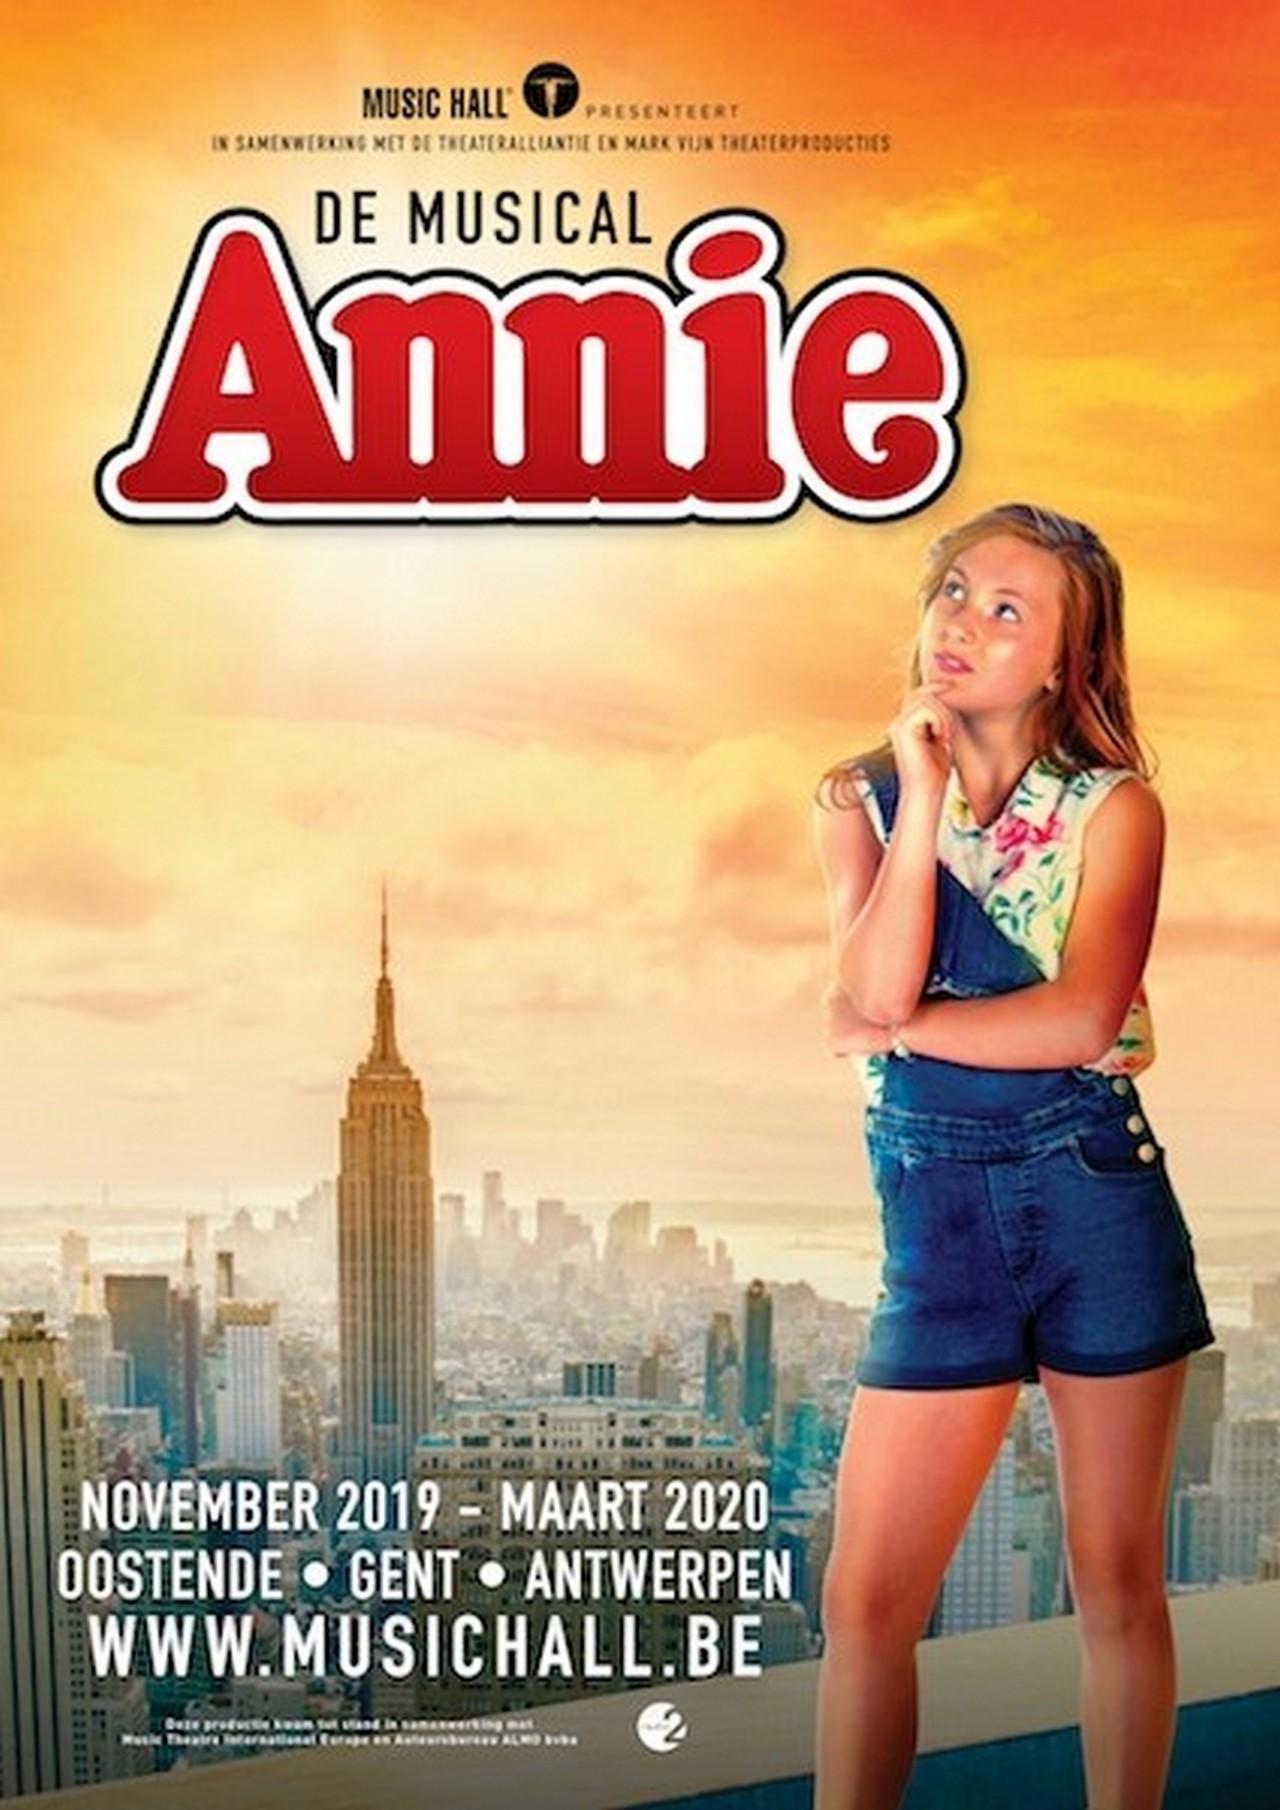 'Annie' Chaya Van Mol (12) waagt vrijdag haar kans in The Voice Kids (VTM) - Affiche Annie De Musical 2 1